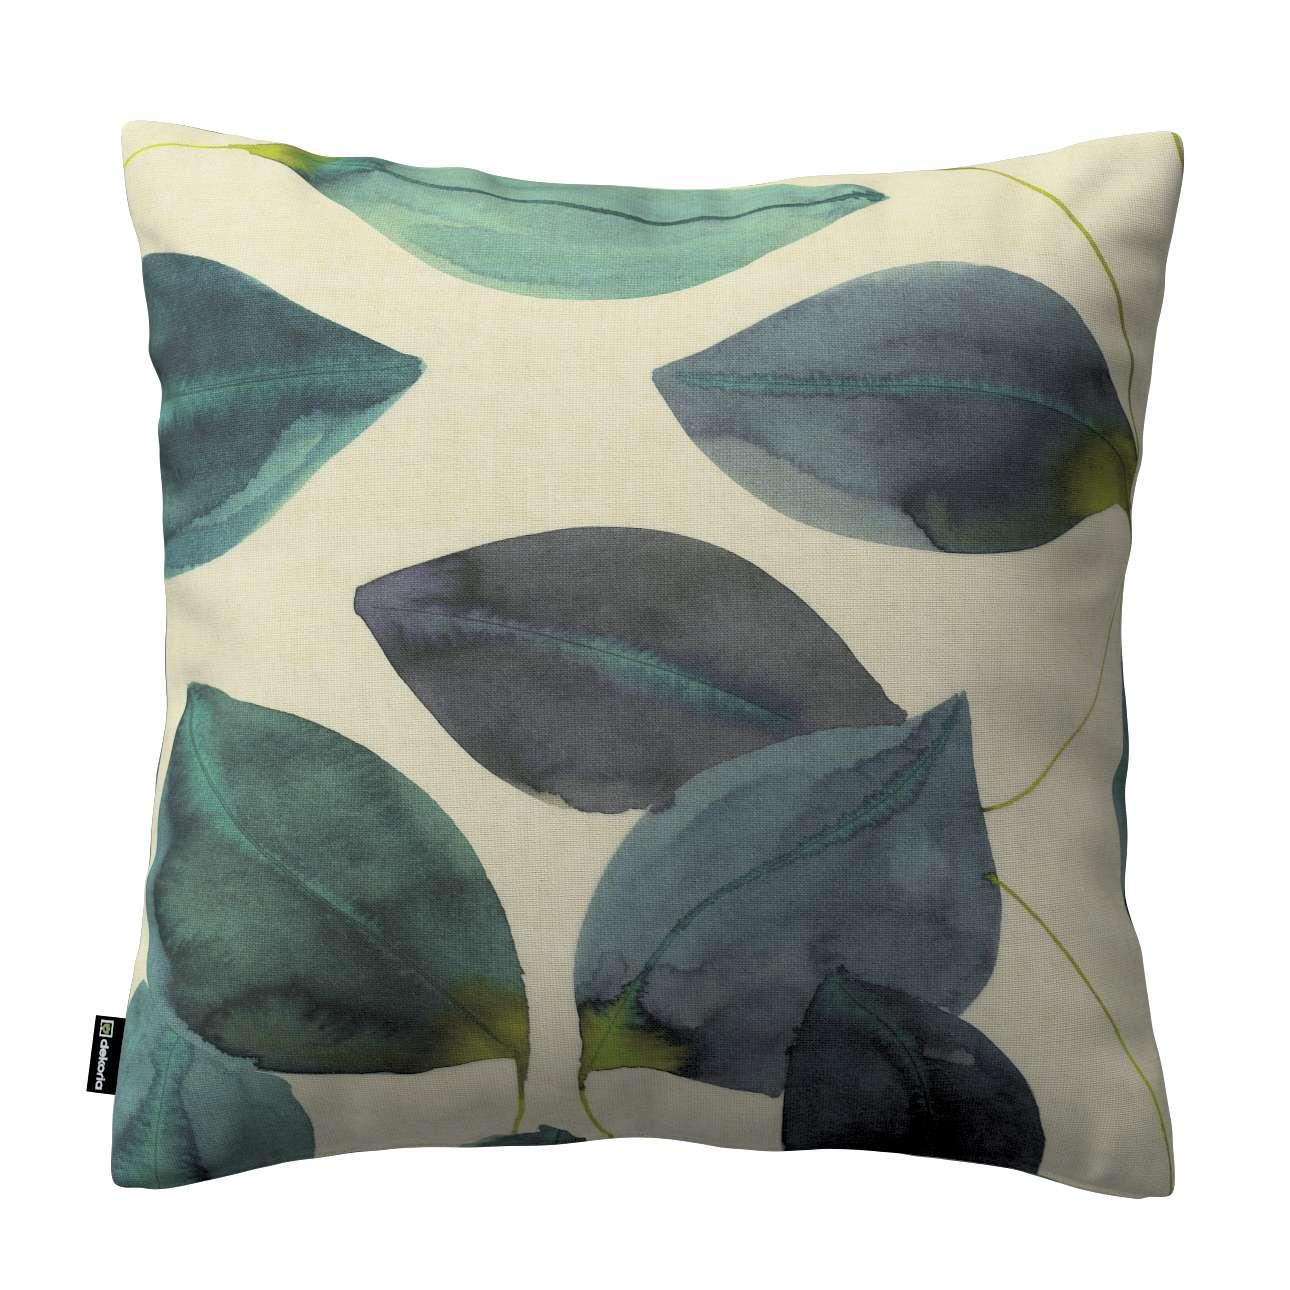 Poszewka Kinga na poduszkę w kolekcji Abigail, tkanina: 143-15